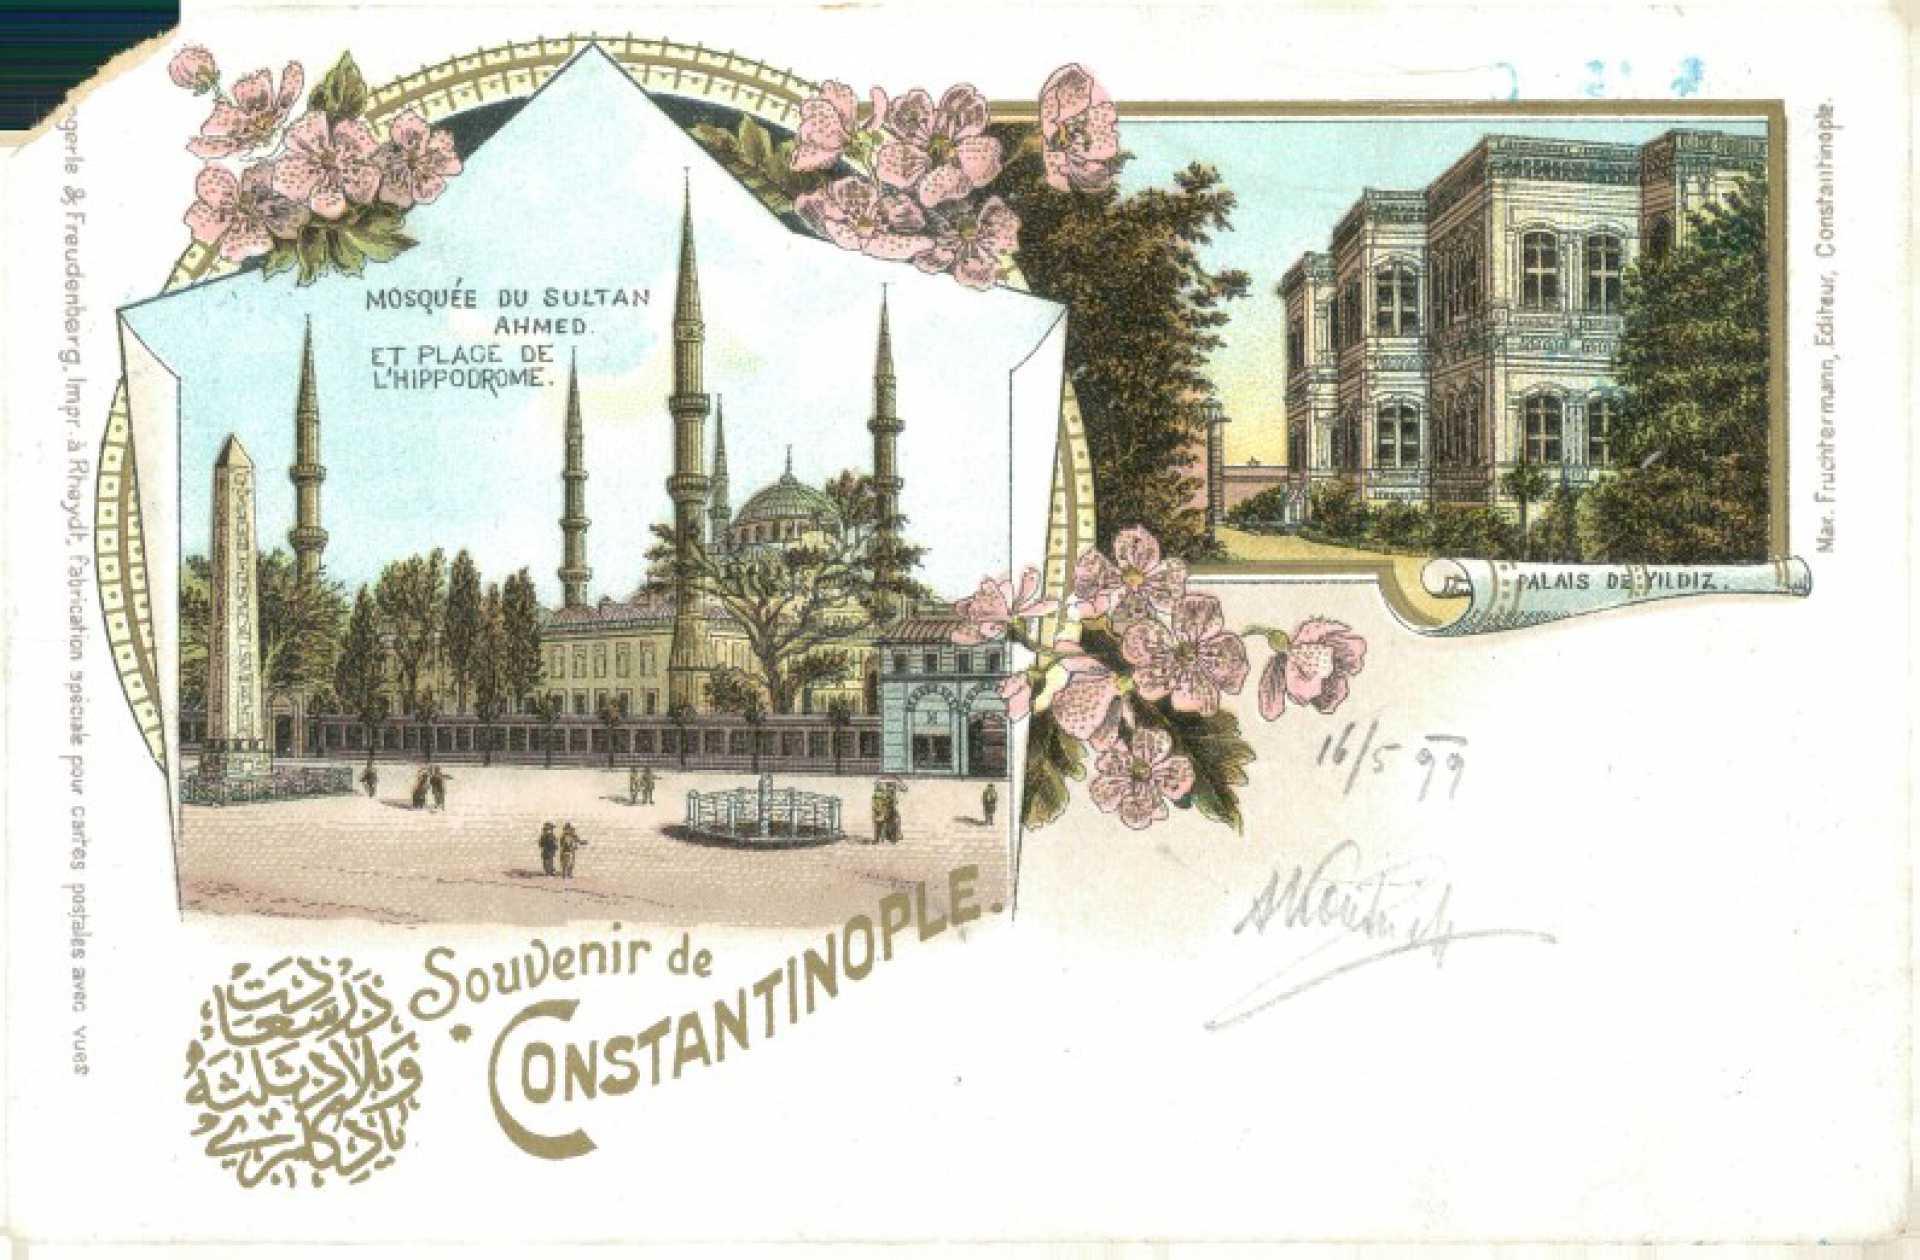 Mosquée du Sultan Ahmed et place de L'Hippodrome. Palais de Yıldız